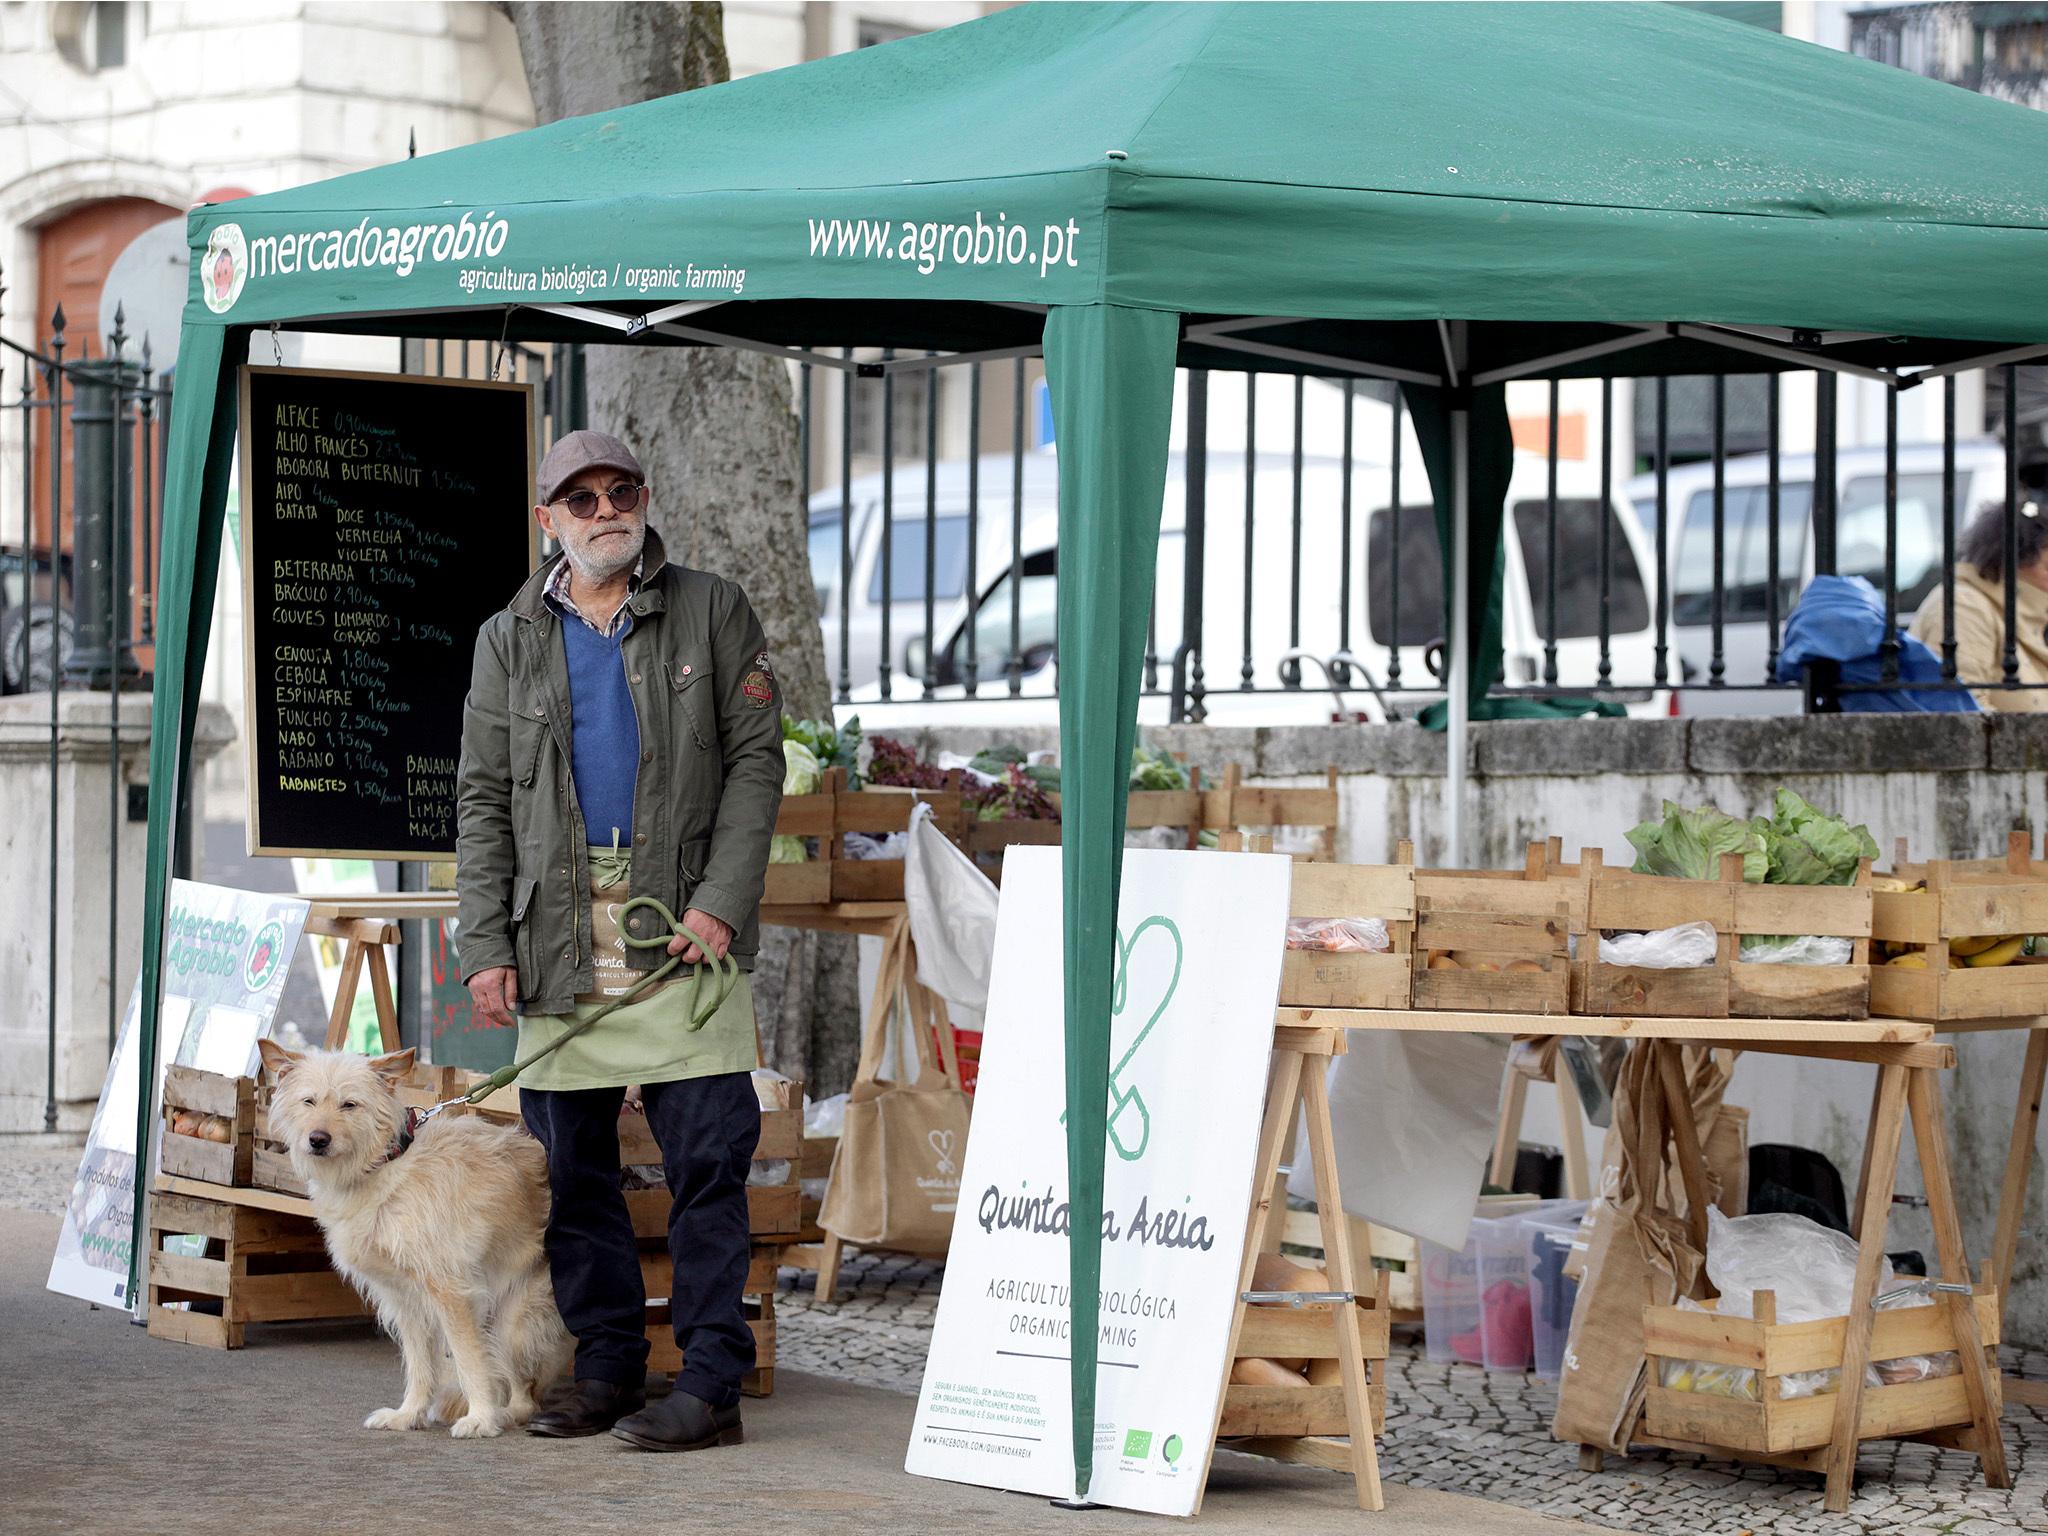 Mercado AgroBio